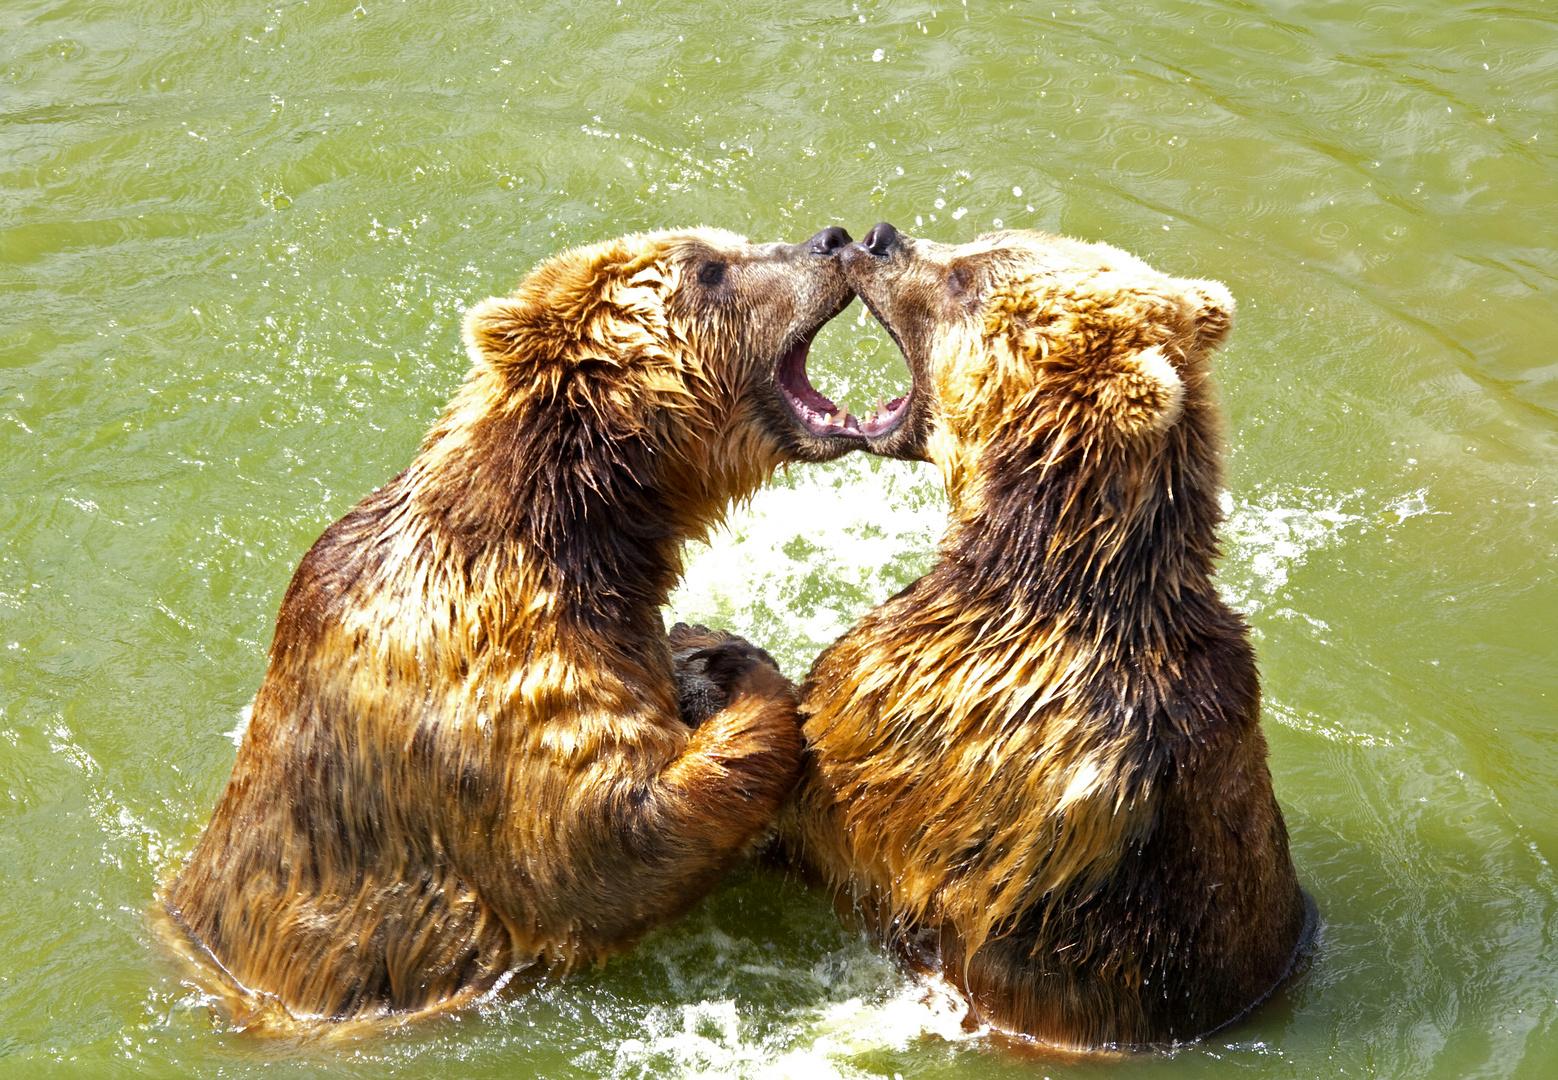 Bärenbrüder - Teil 1 jetzt im Zoo!